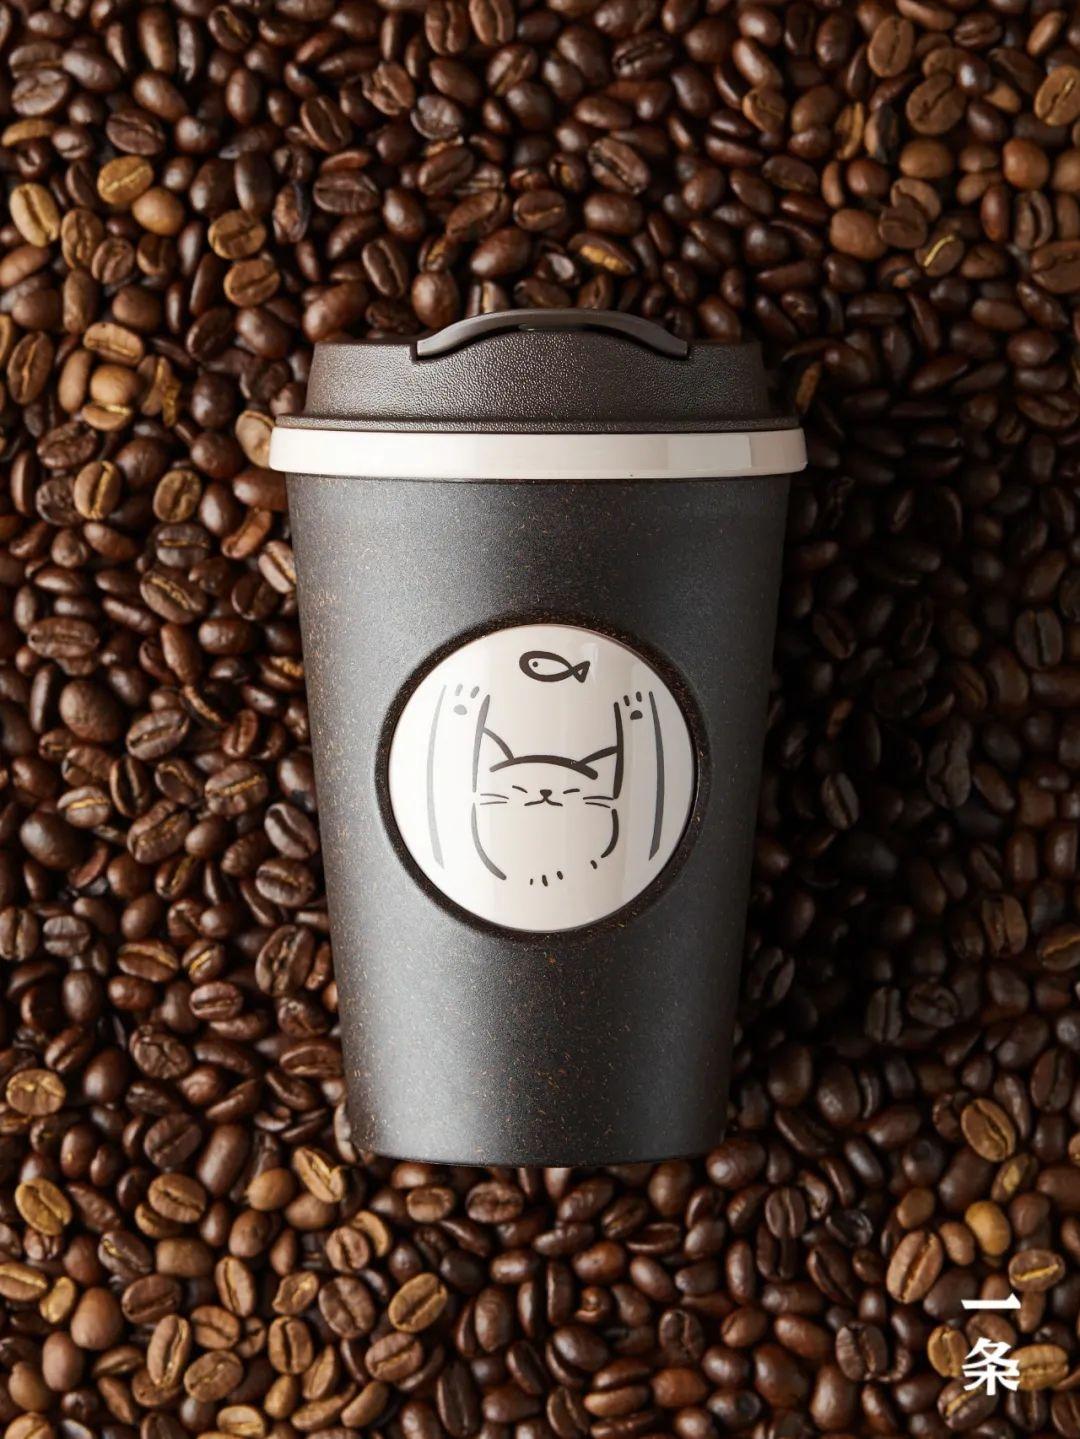 首发丨自带咖啡香的随行杯,新奇!